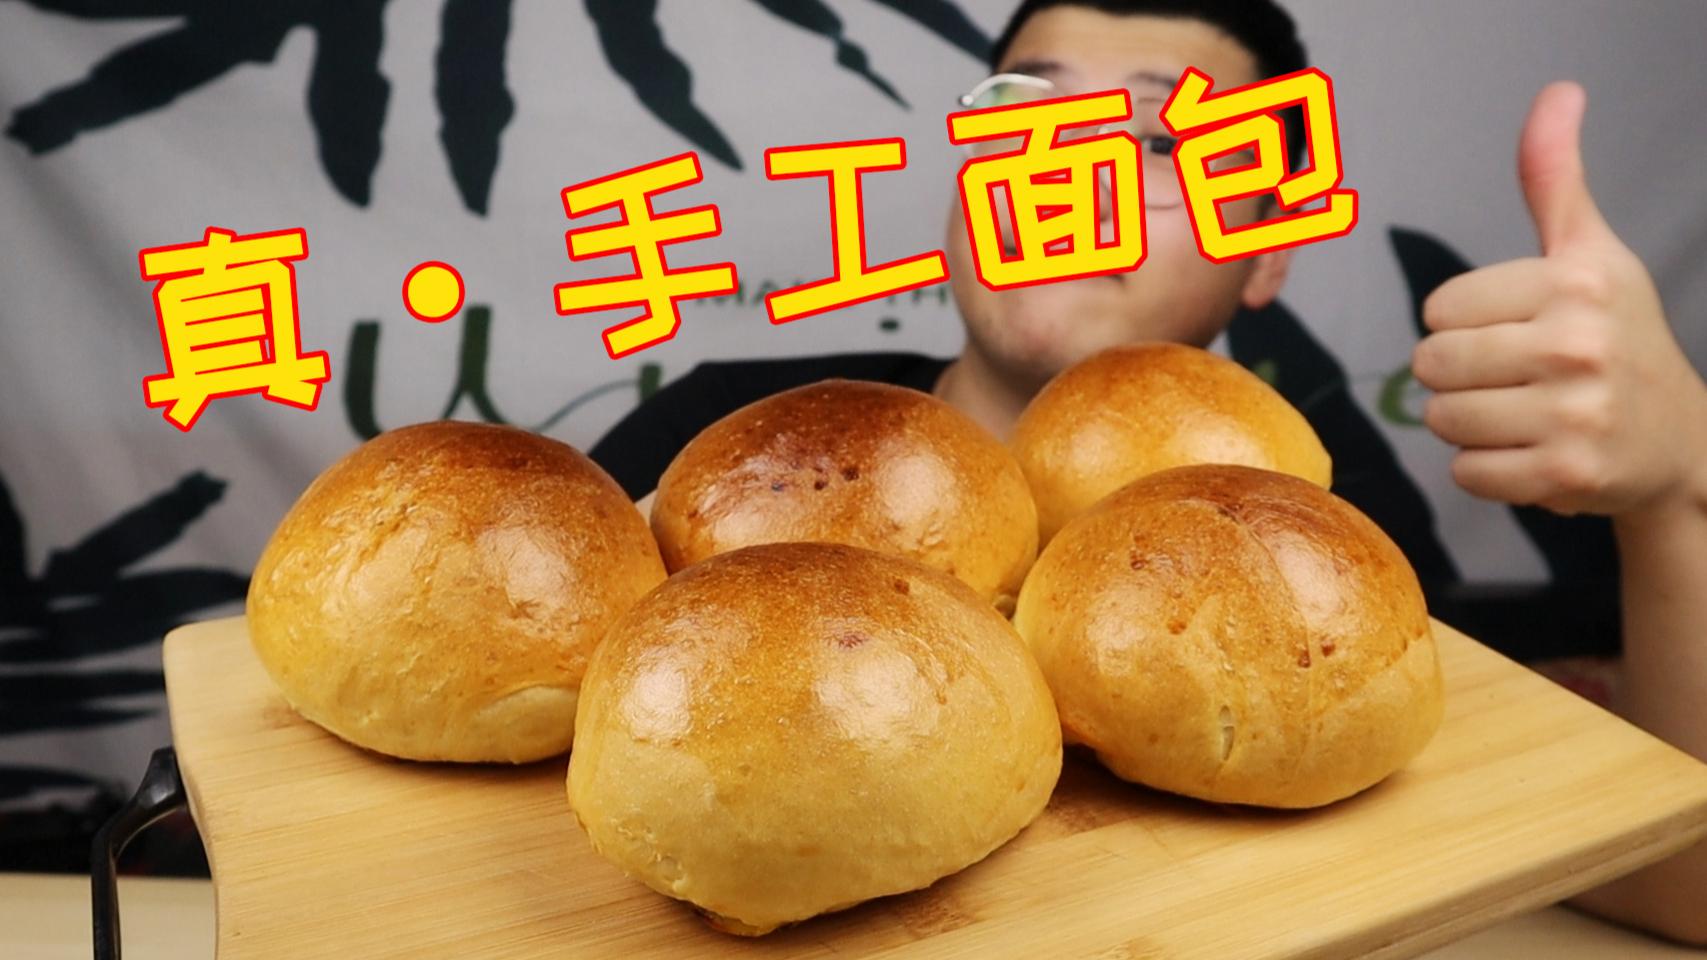 自制手工面包,忙活一下午才做了5个?难怪手工面包那么贵!